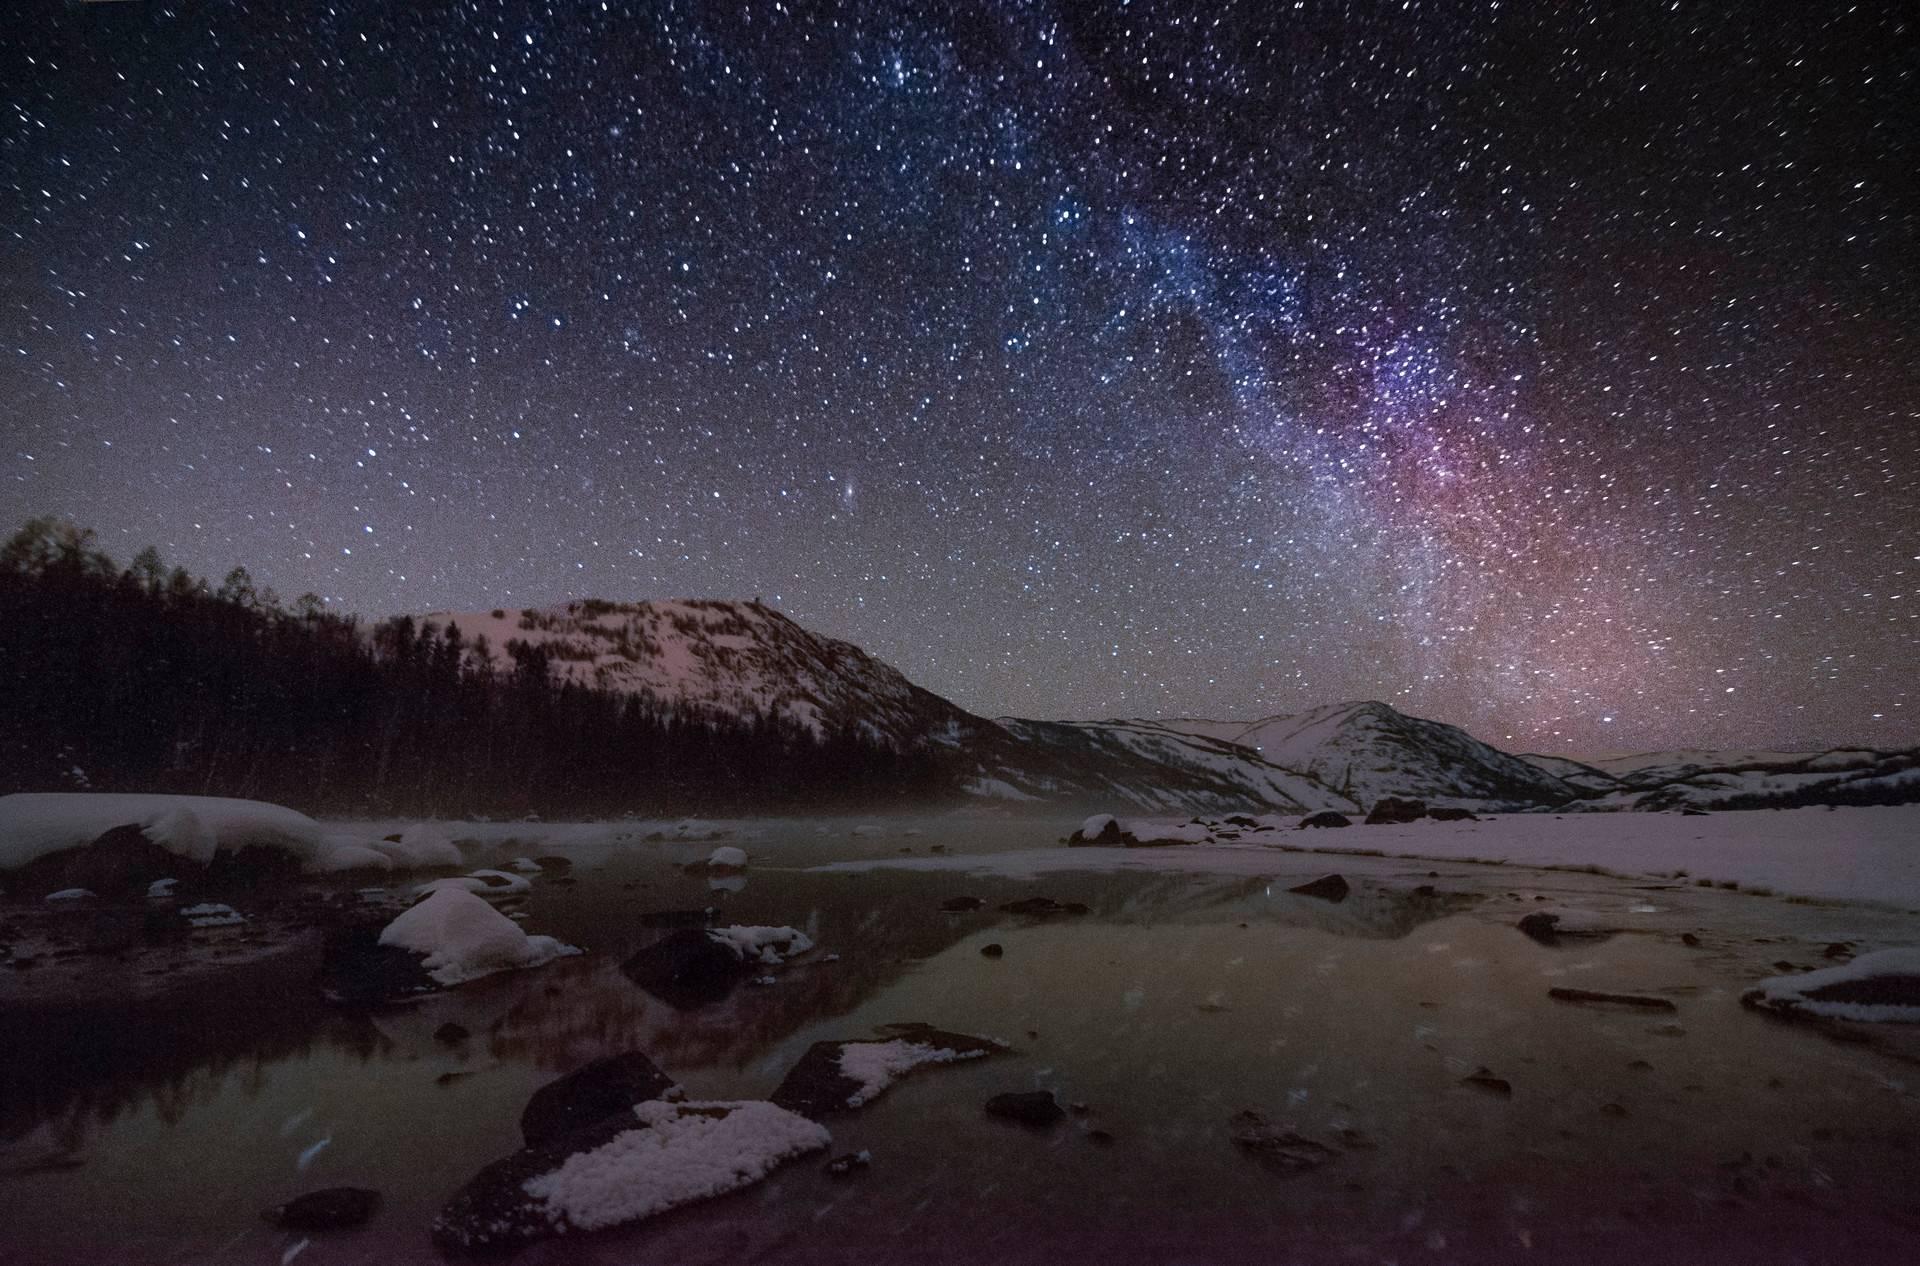 【禾木星空】新疆·乌鲁木齐+禾木村+喀纳斯湖+坎儿井·8天7晚